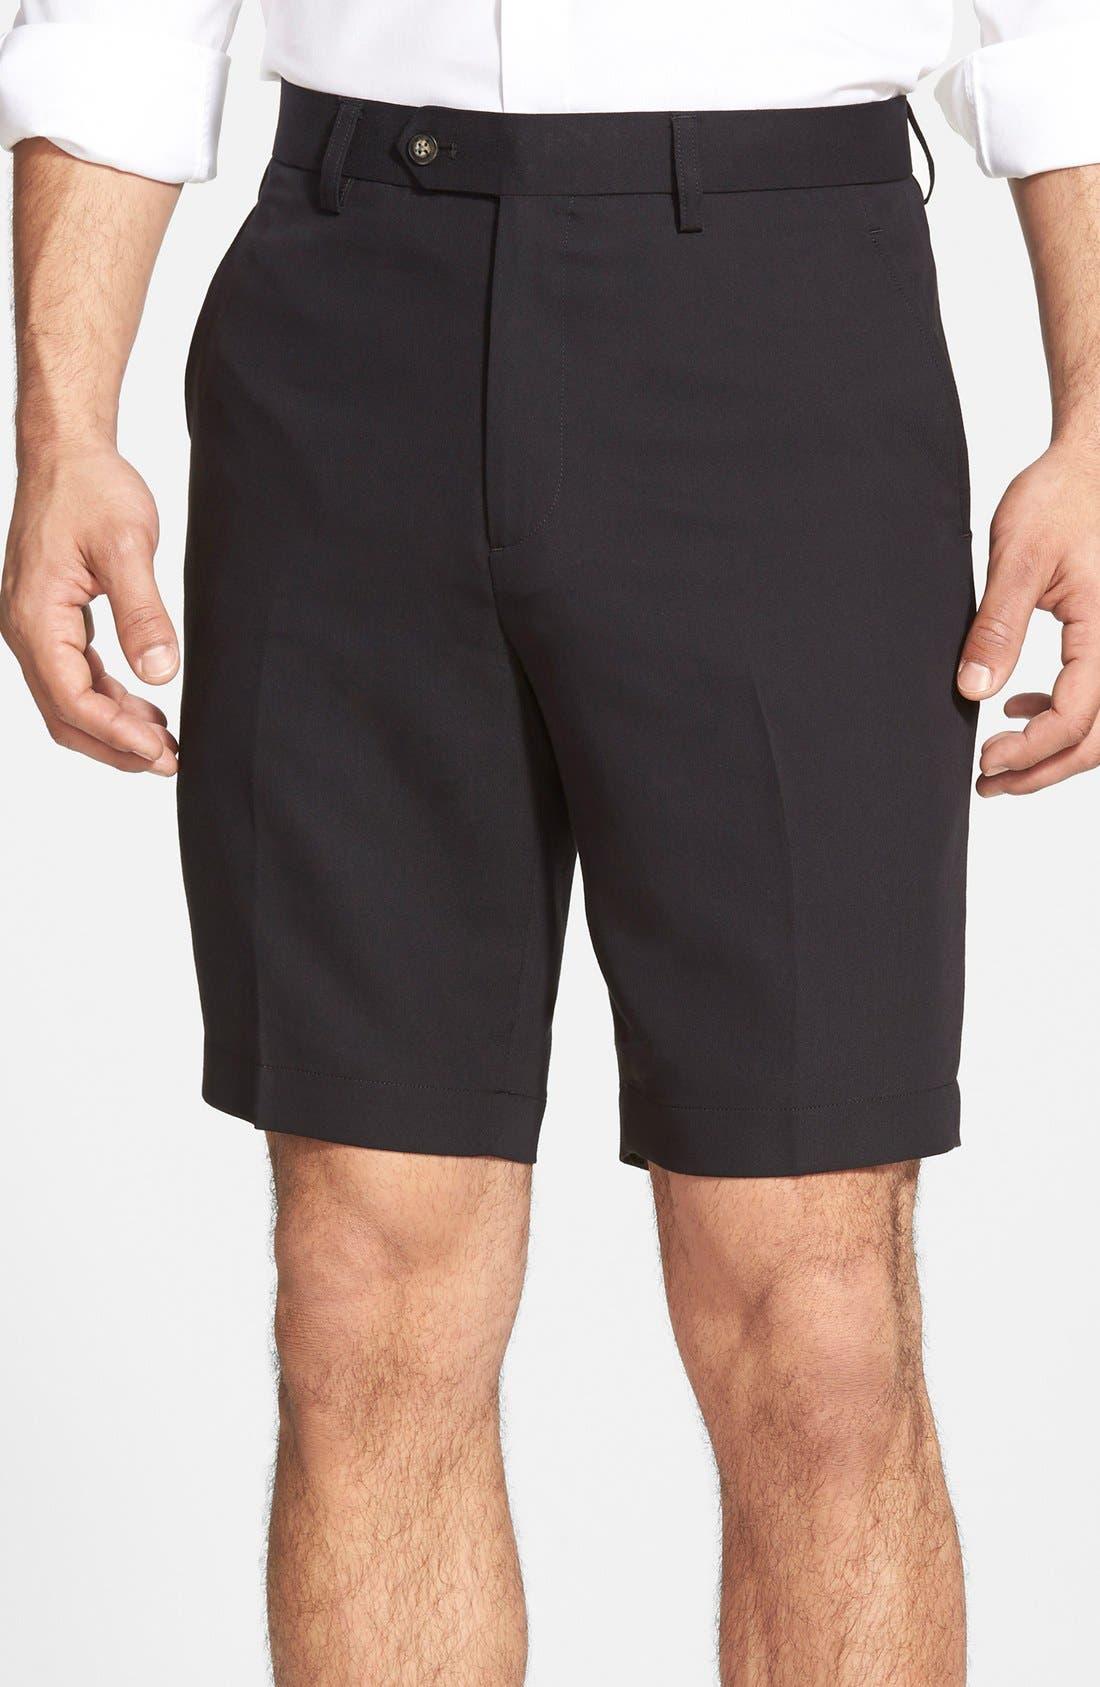 Microfiber Twill Shorts,                             Main thumbnail 1, color,                             001